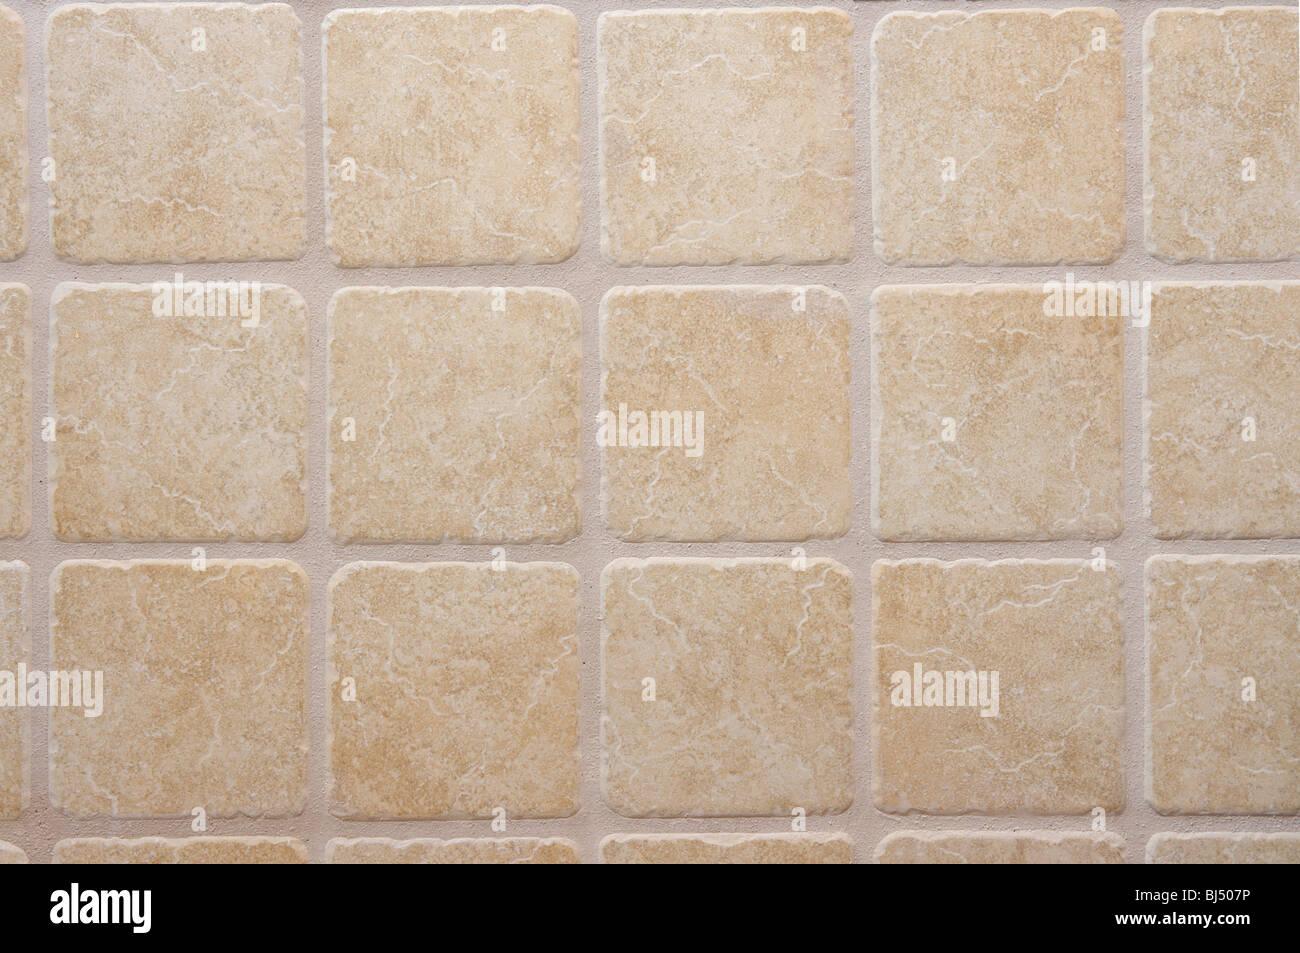 tiled wall - Stock Image